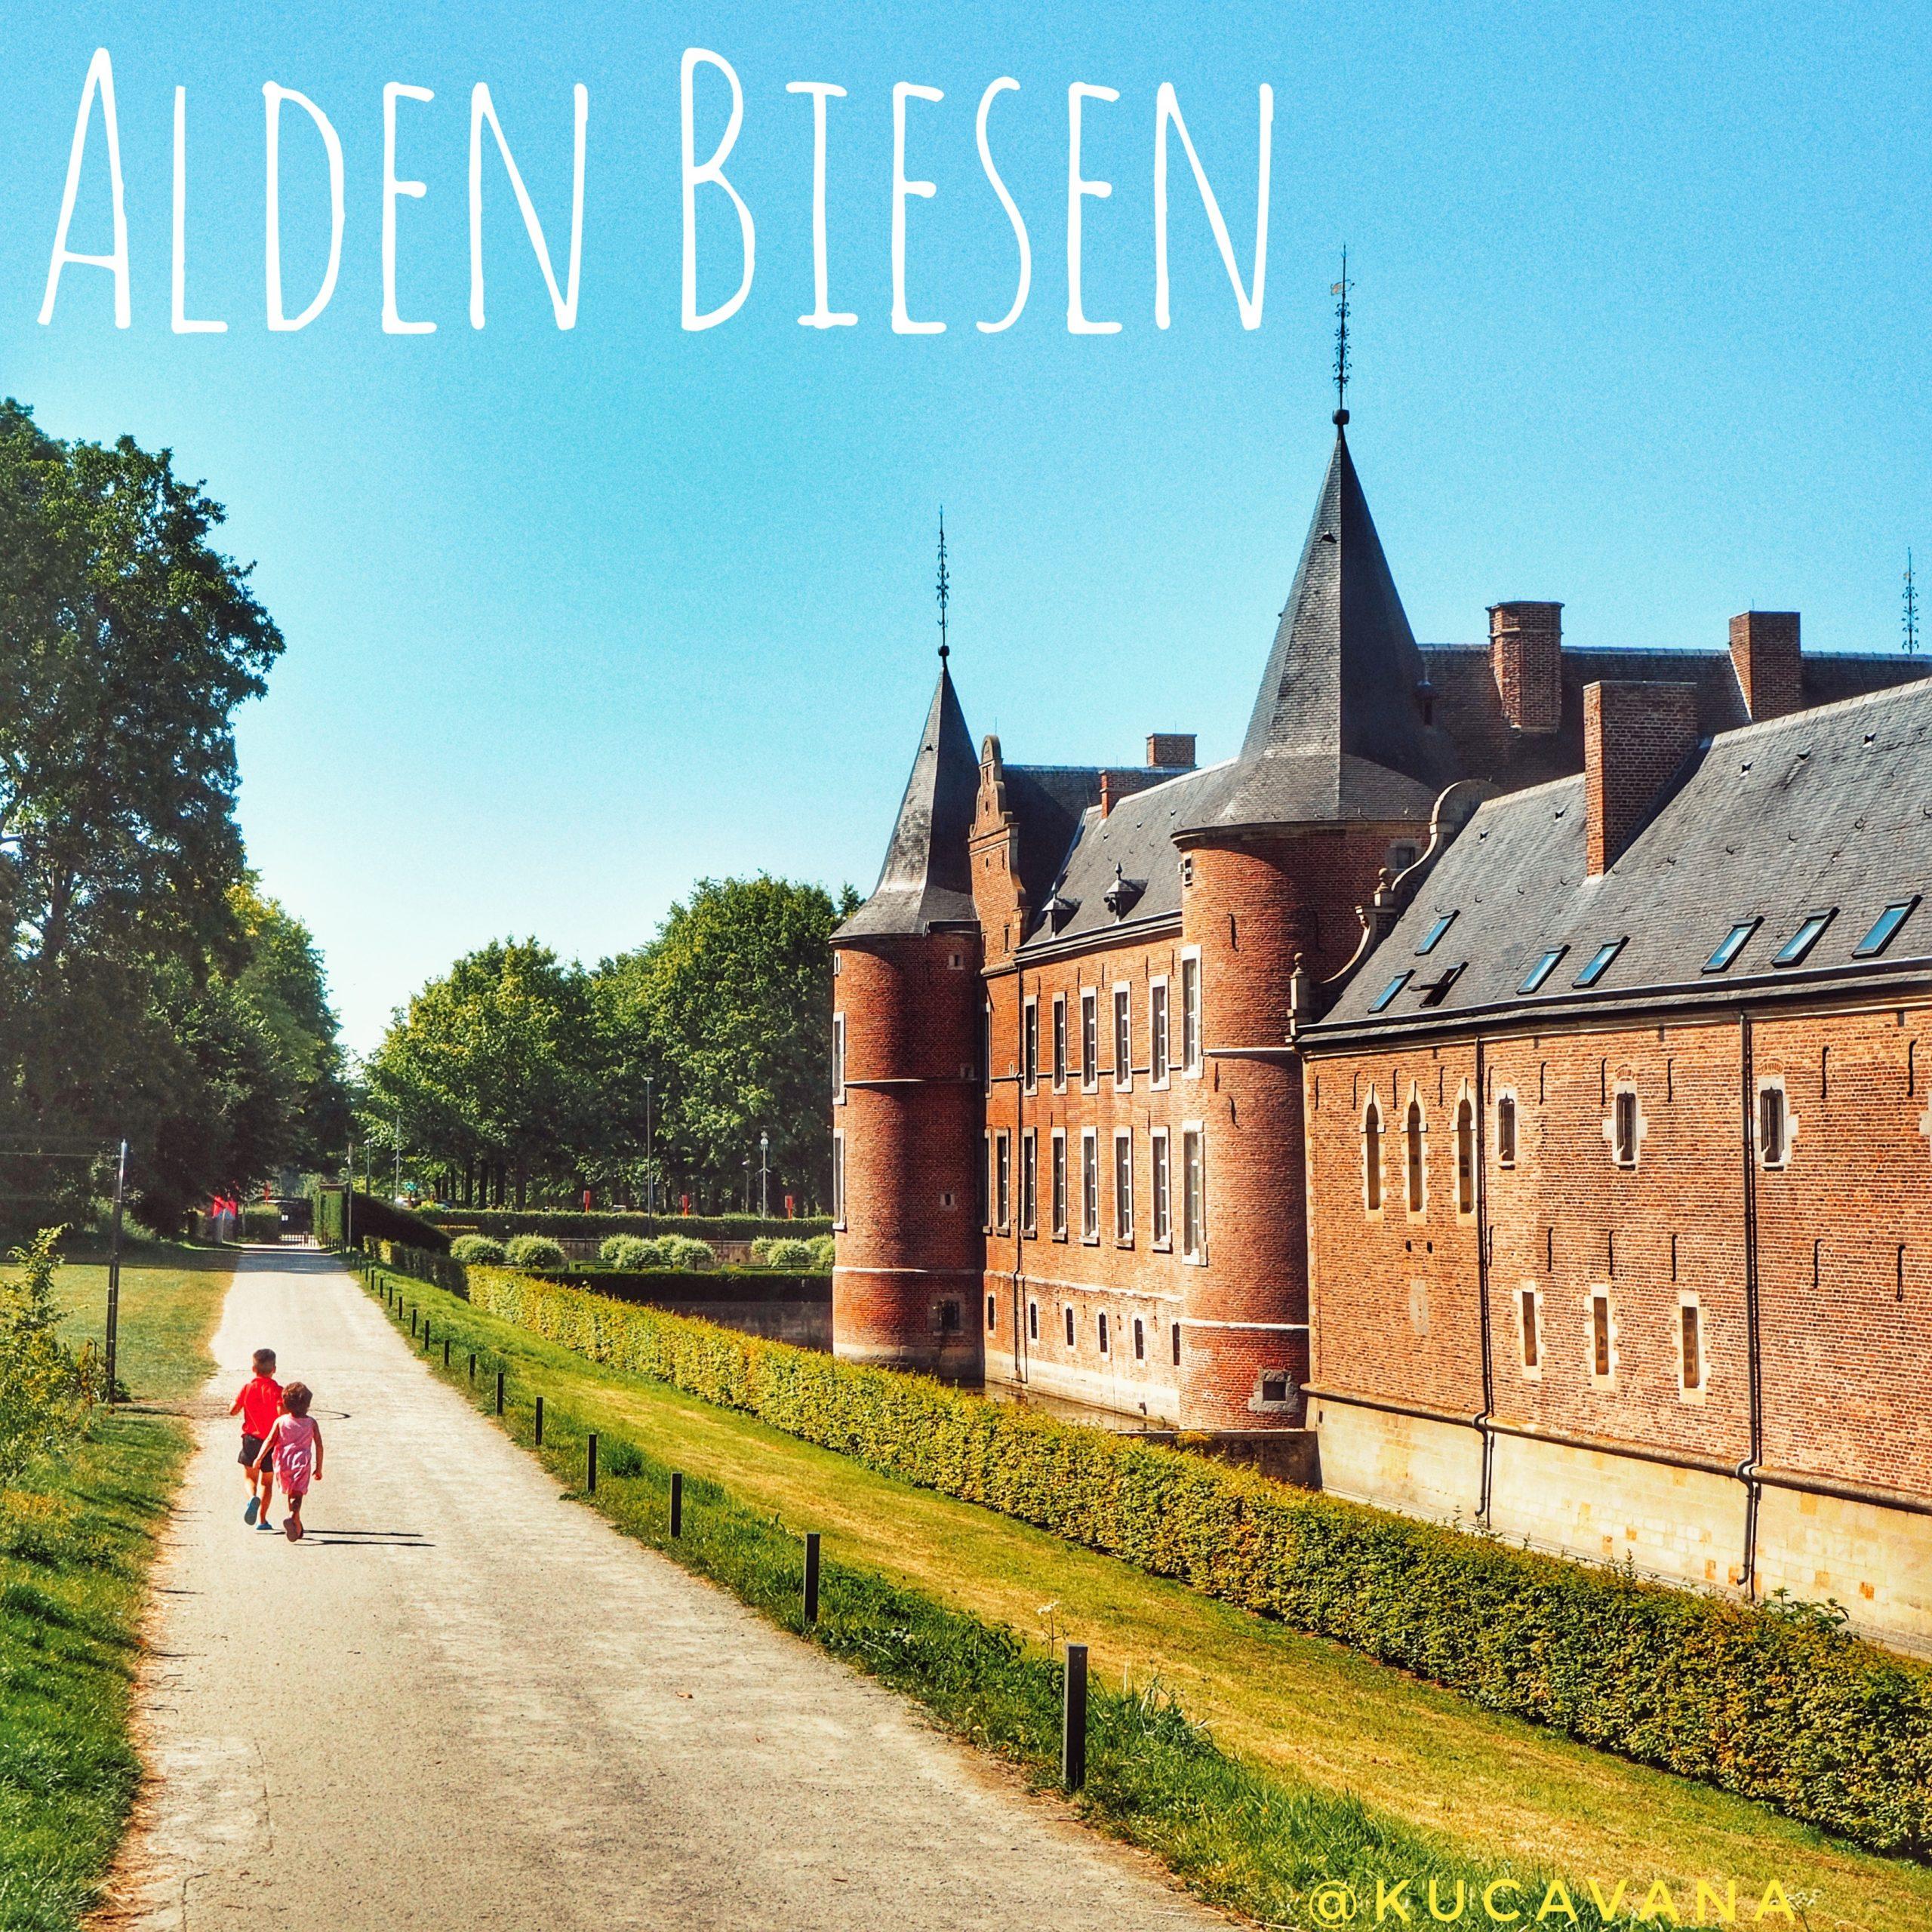 Alden Biesen Belgica